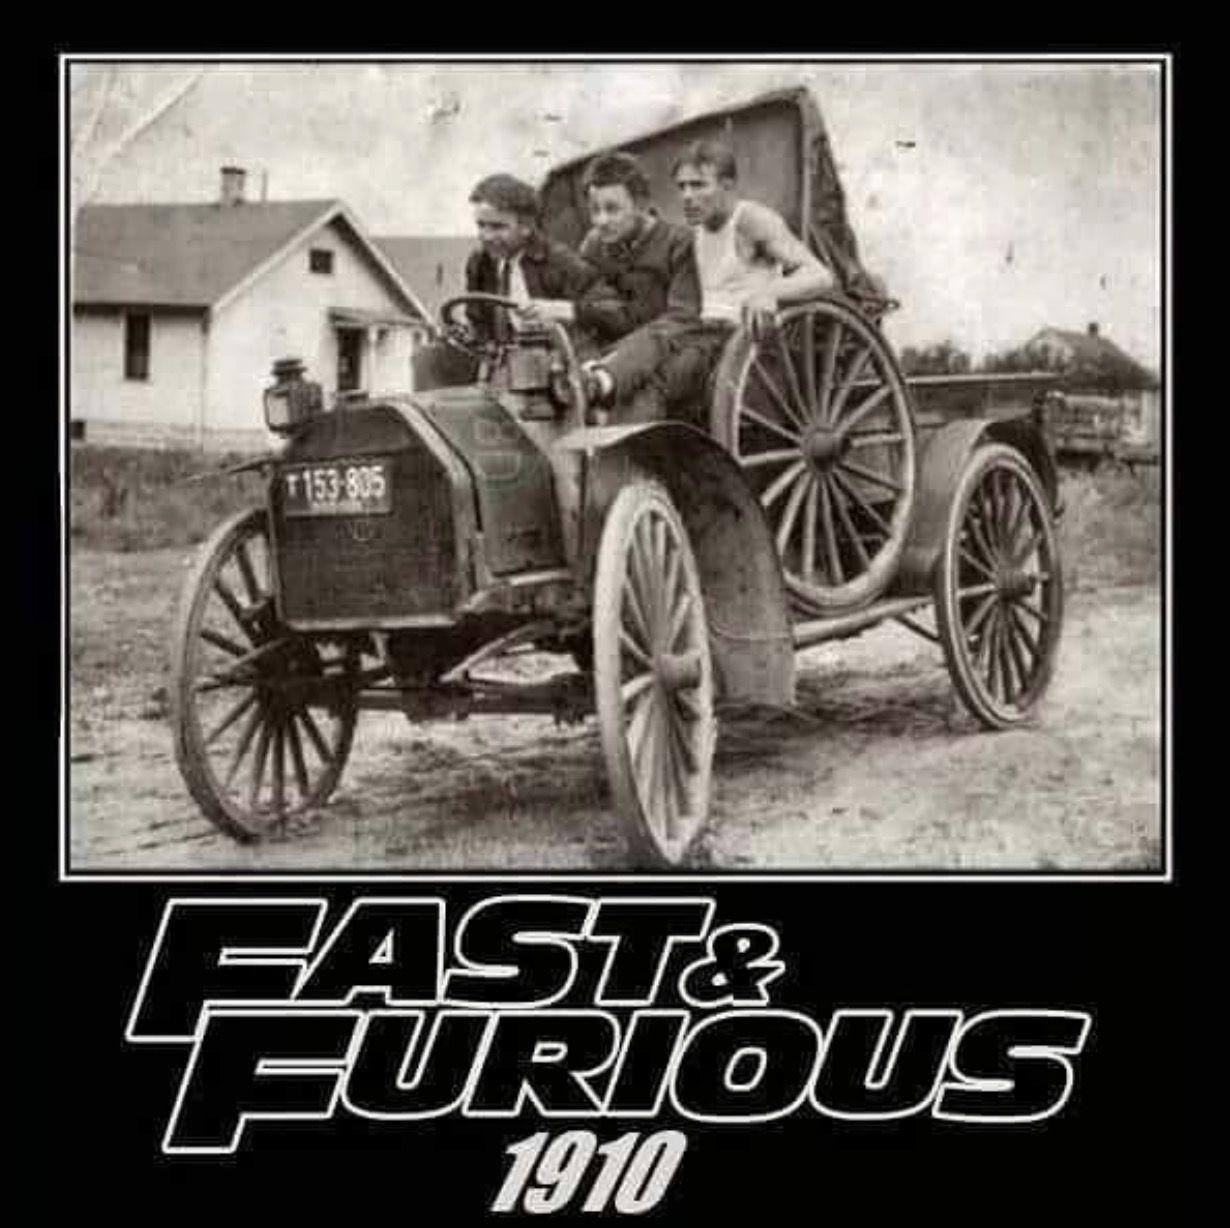 Fast n furious 1900\'s | Mechanic humor | Pinterest | Car humor ...